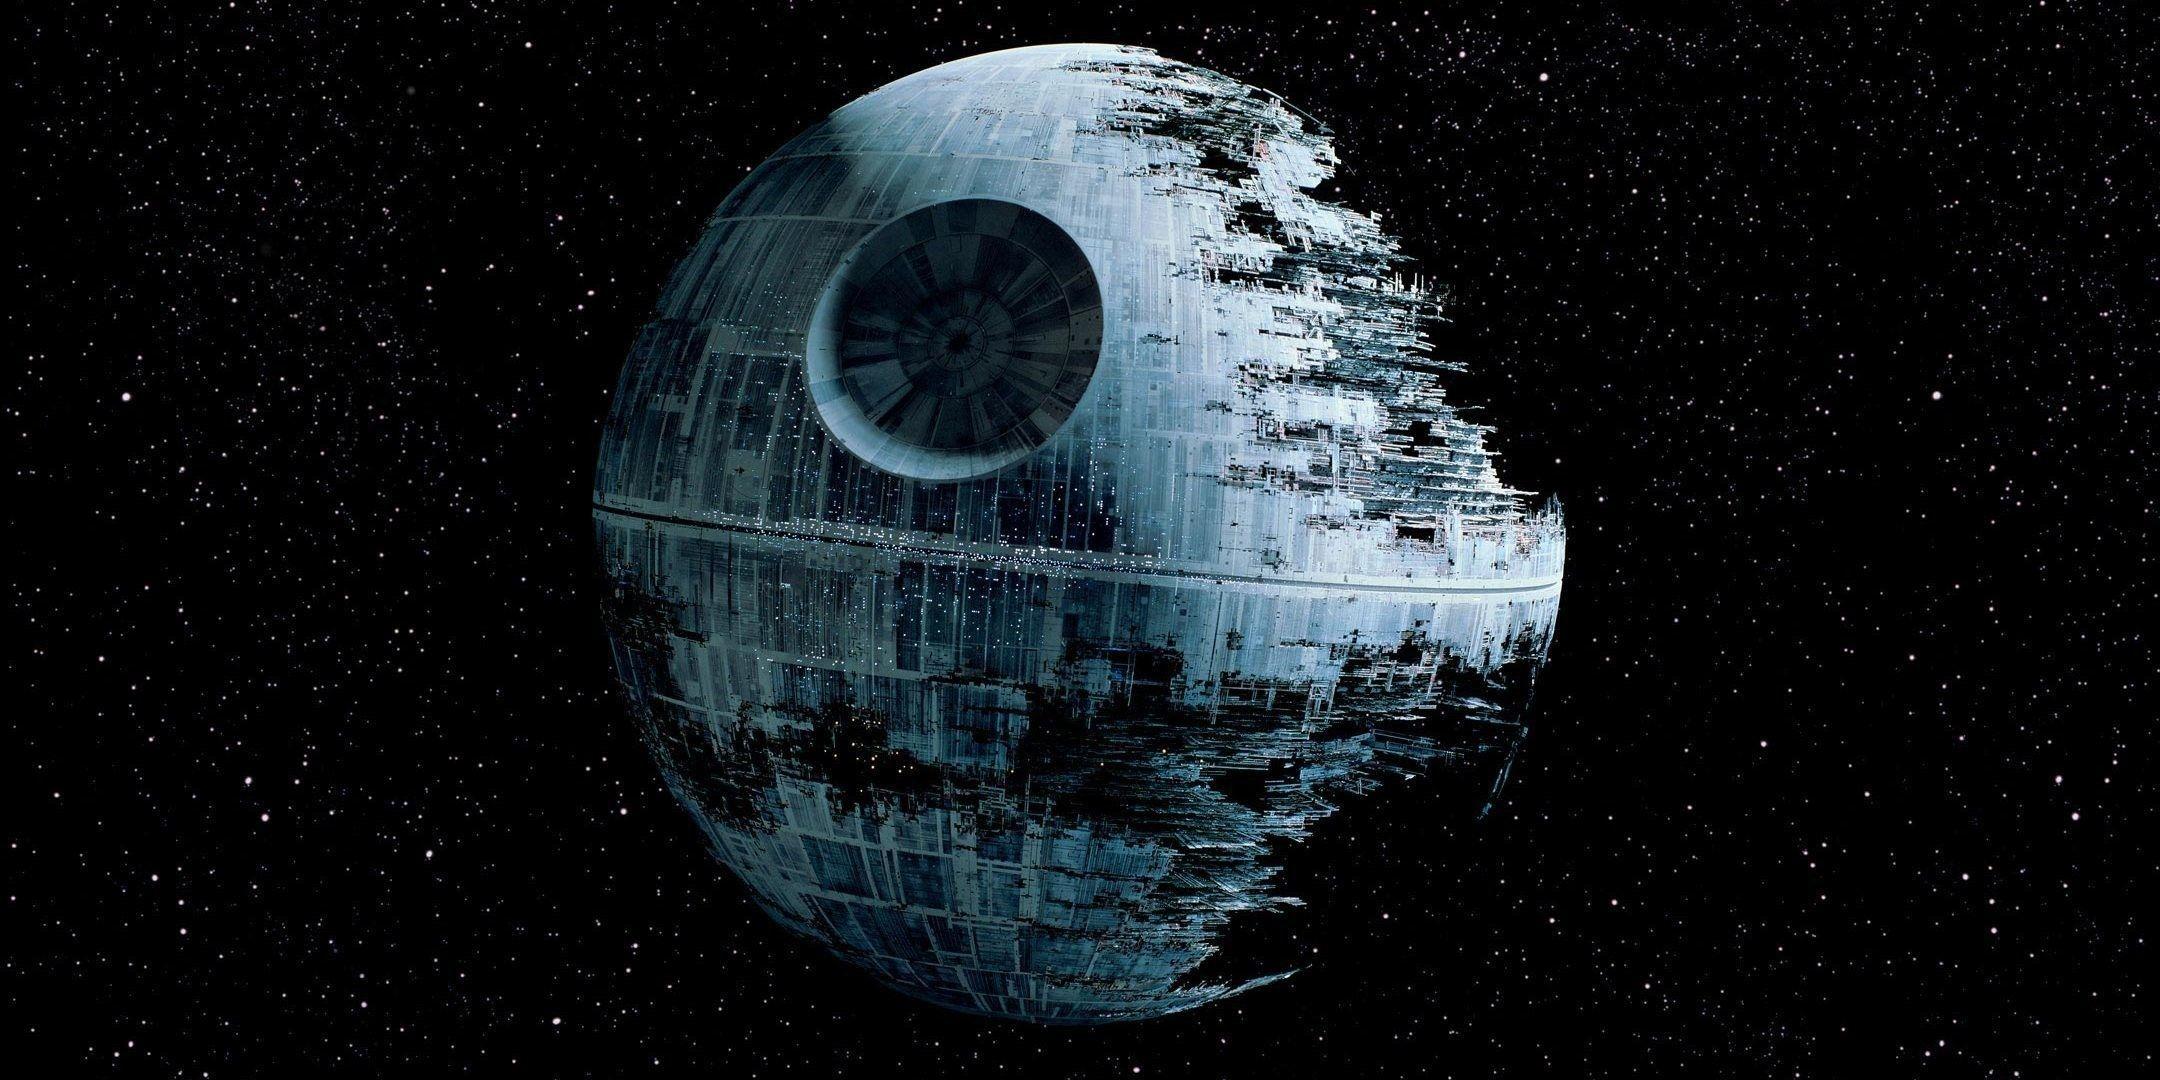 2160x1080 Star wars death star, Star wars battlefront